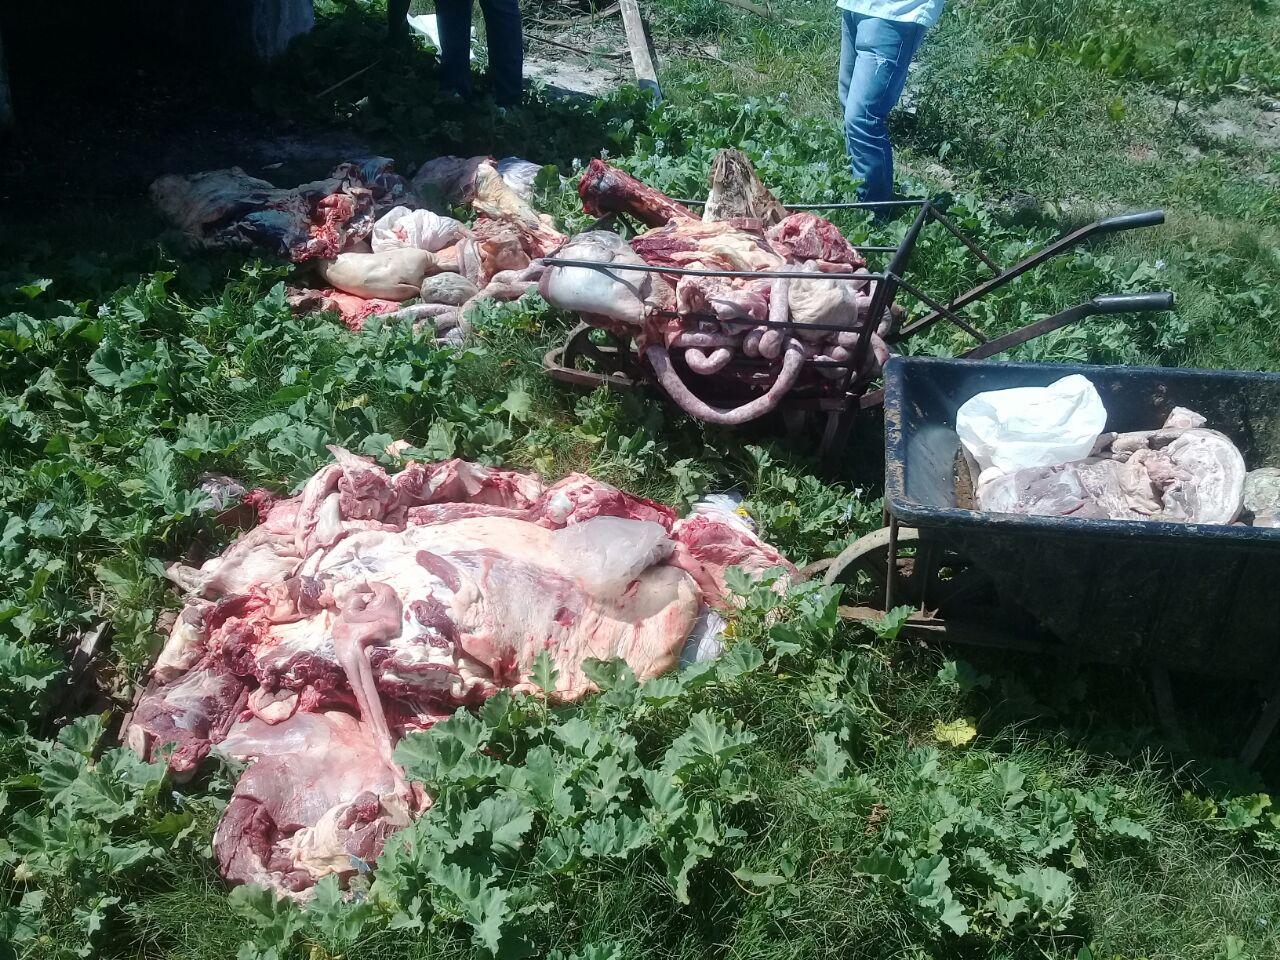 La Policías incauto más de 330 kg de carne vacuna, no apto para el consumo humano